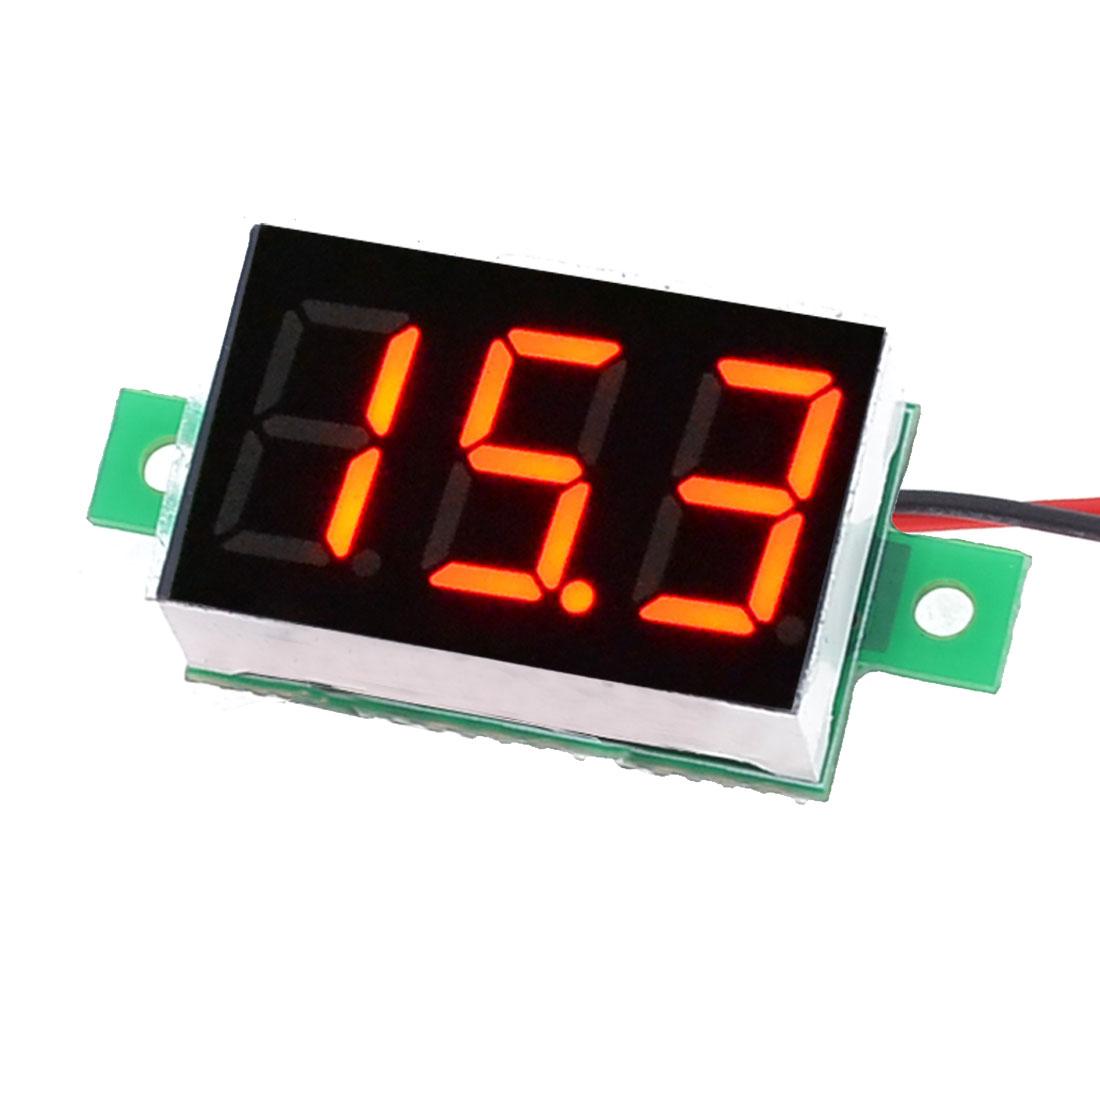 V20D 2-Line 3-Digits Red LED Direct Current Voltmeter Meter 2.5-30V